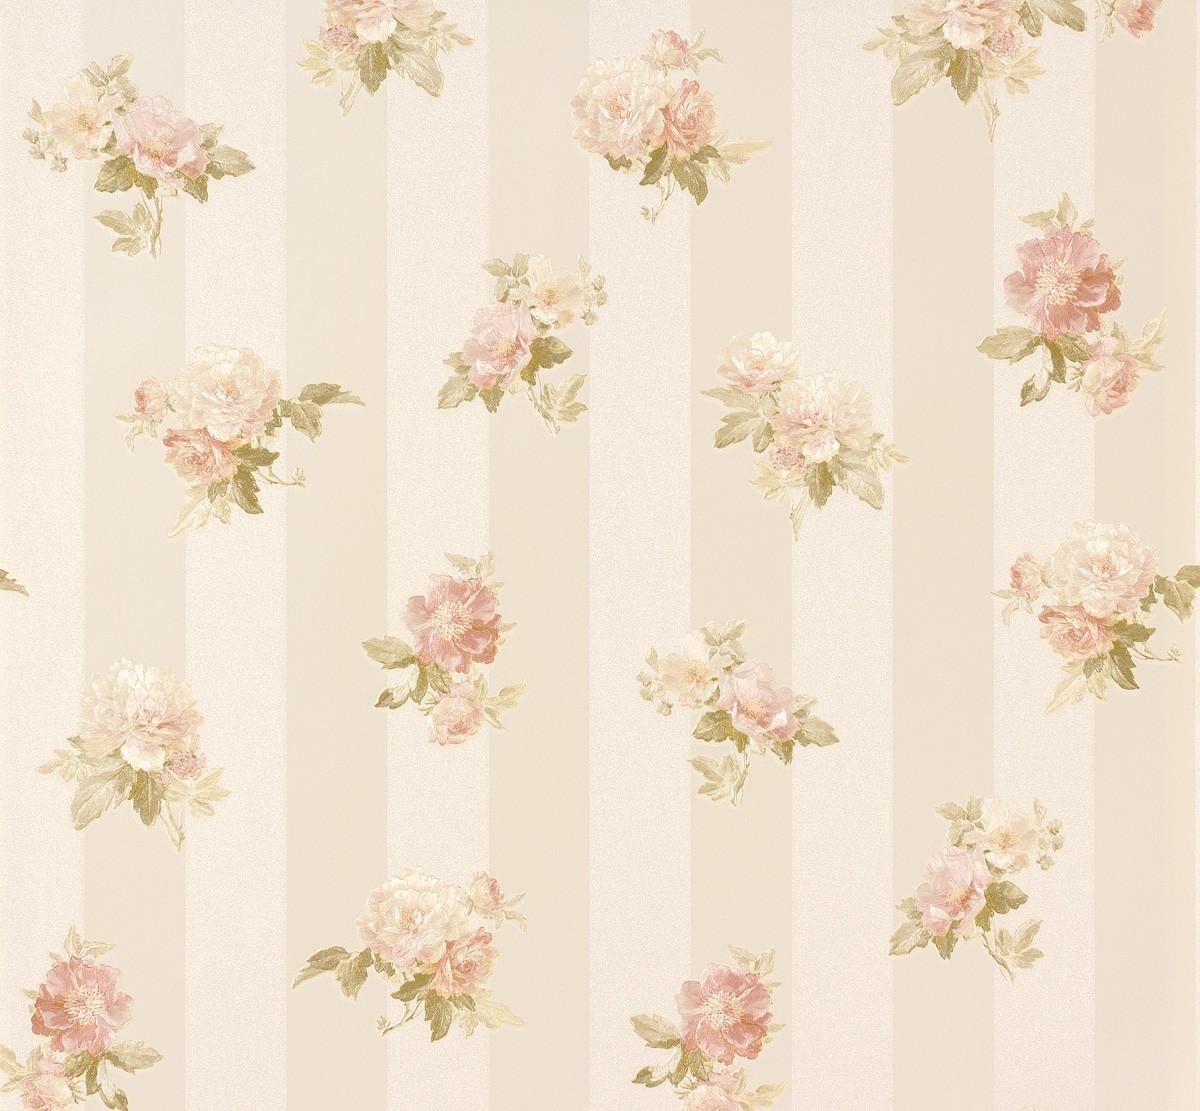 Wallpaper romantica flower cream rose as 30447 1 for Cream rose wallpaper